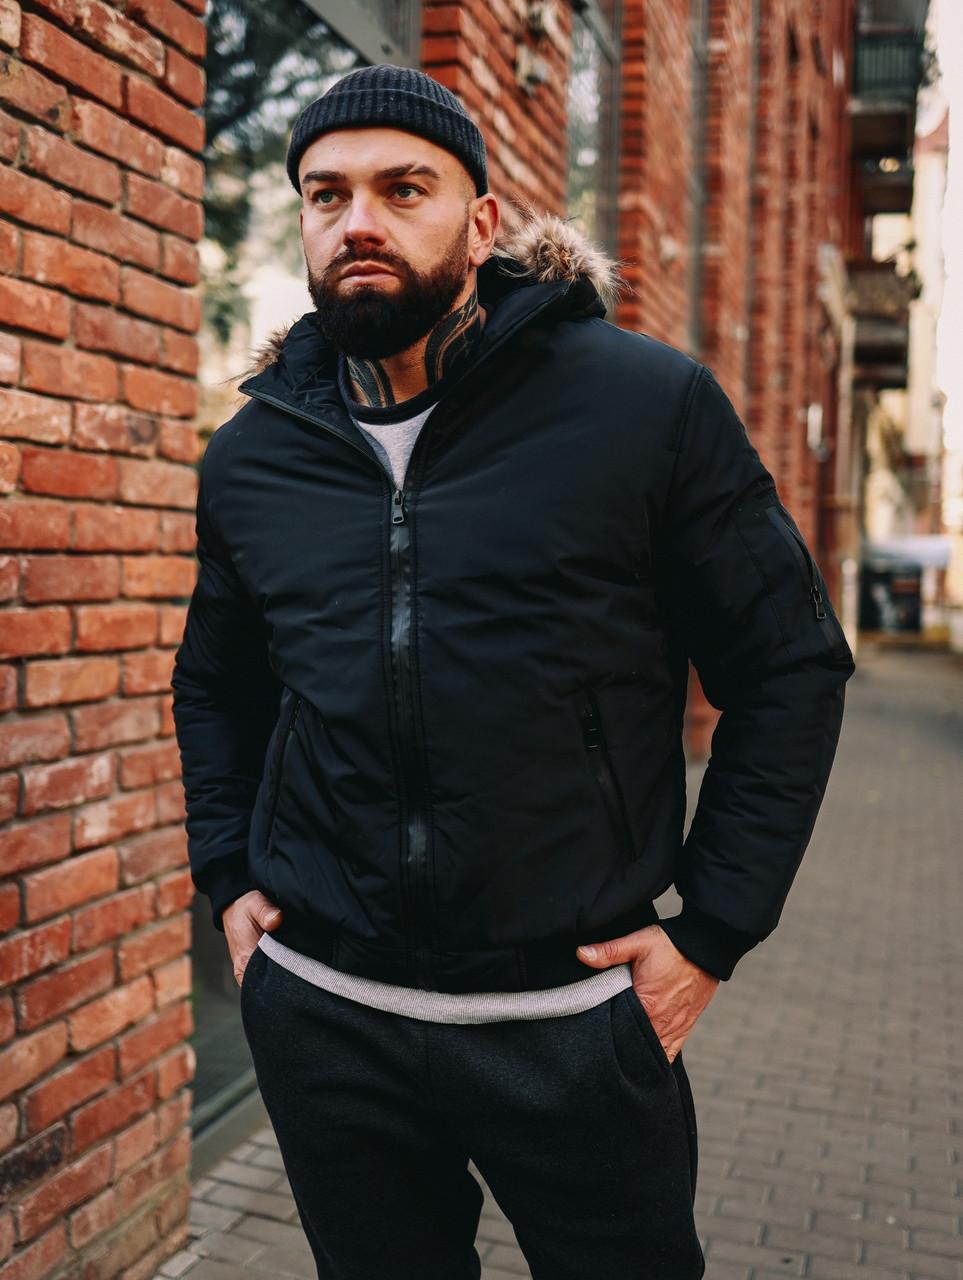 Мужская зимняя черная куртка, Jacket Winter (black), короткая зимняя куртка